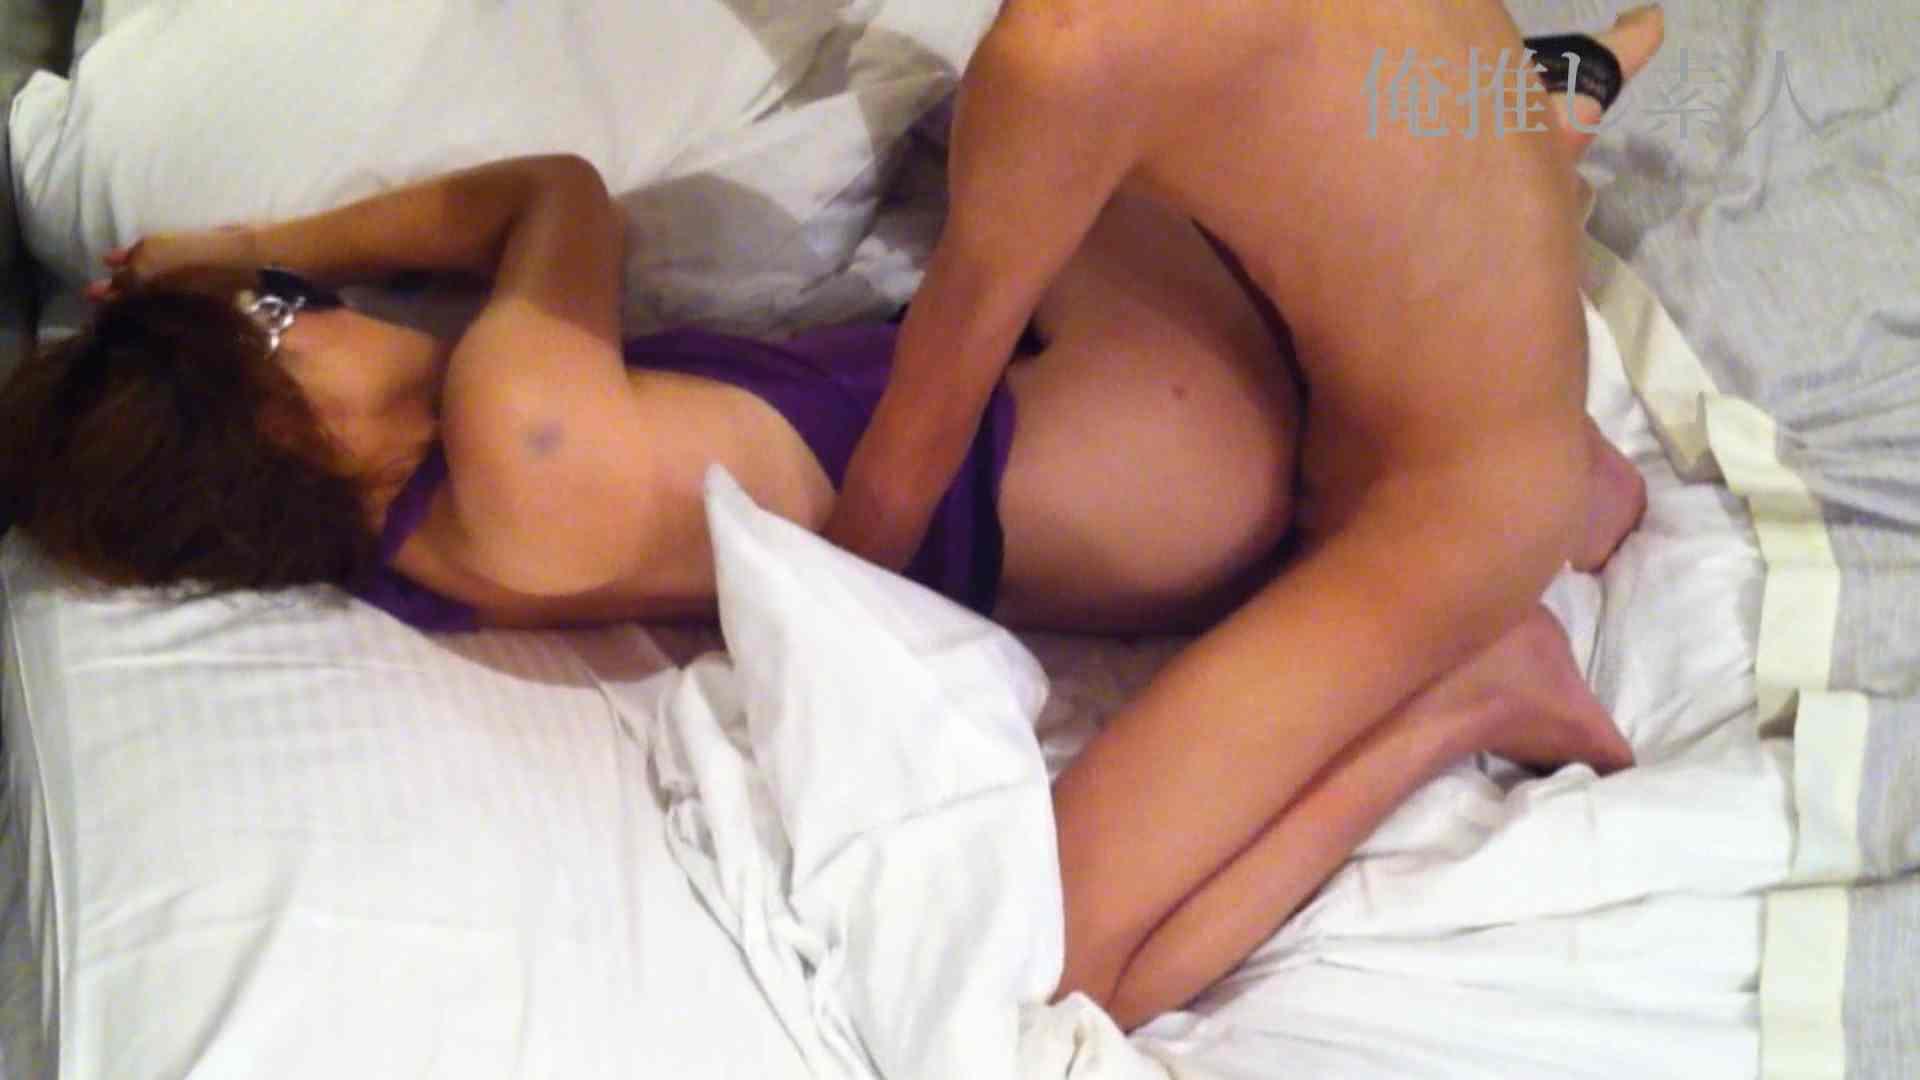 俺推し素人 キャバクラ嬢26歳久美vol2 独身エッチOL   綺麗なおっぱい  84pic 60